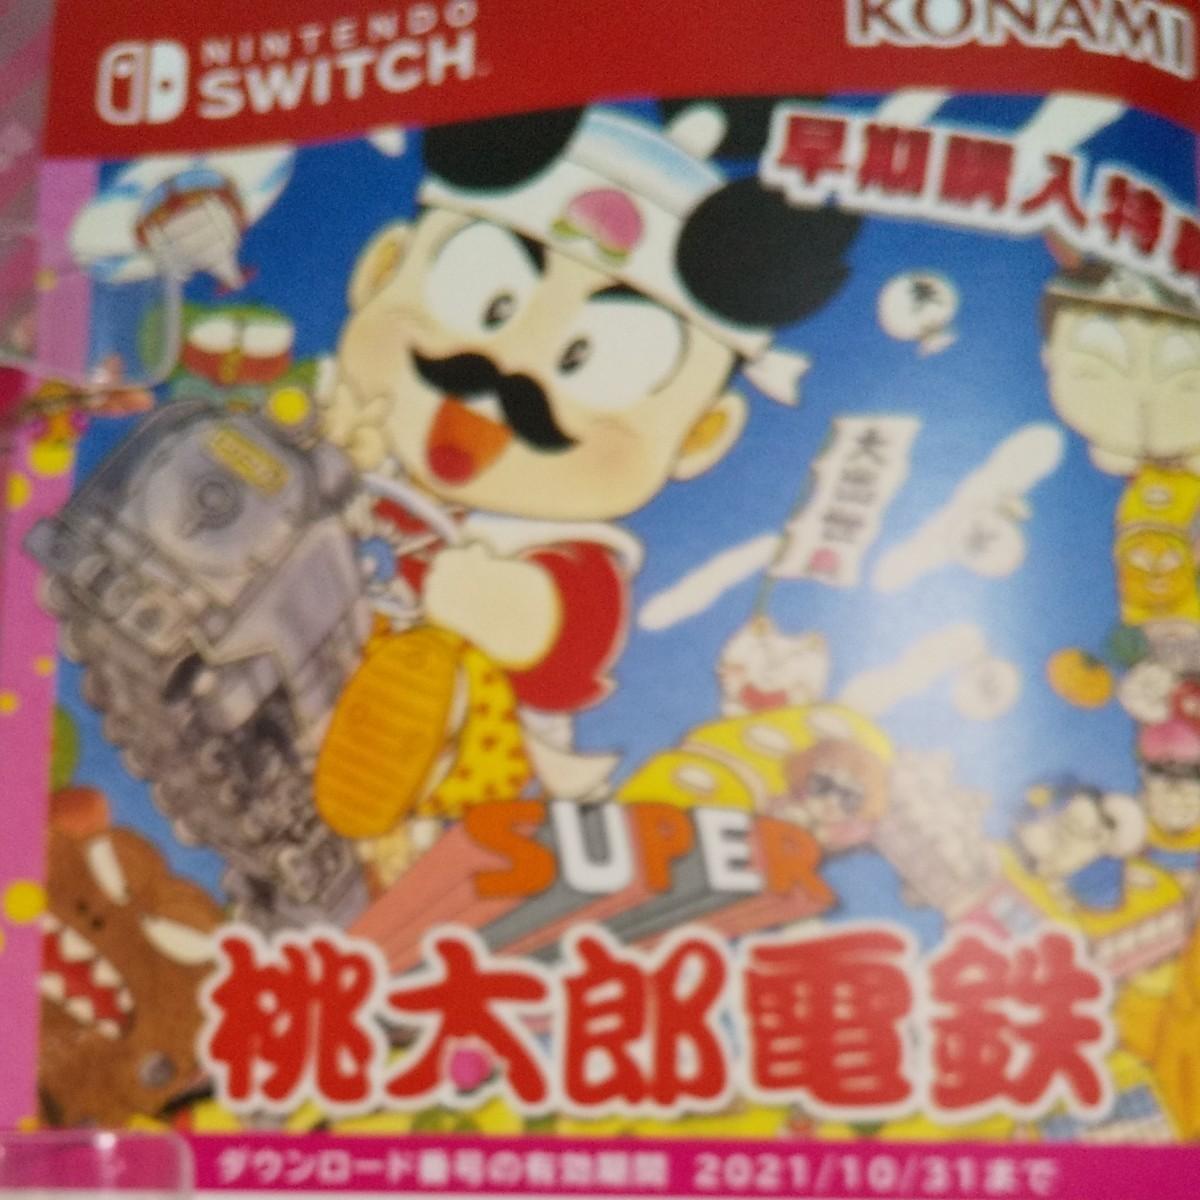 【Switch】 桃太郎電鉄 ~昭和 平成 令和も定番!~